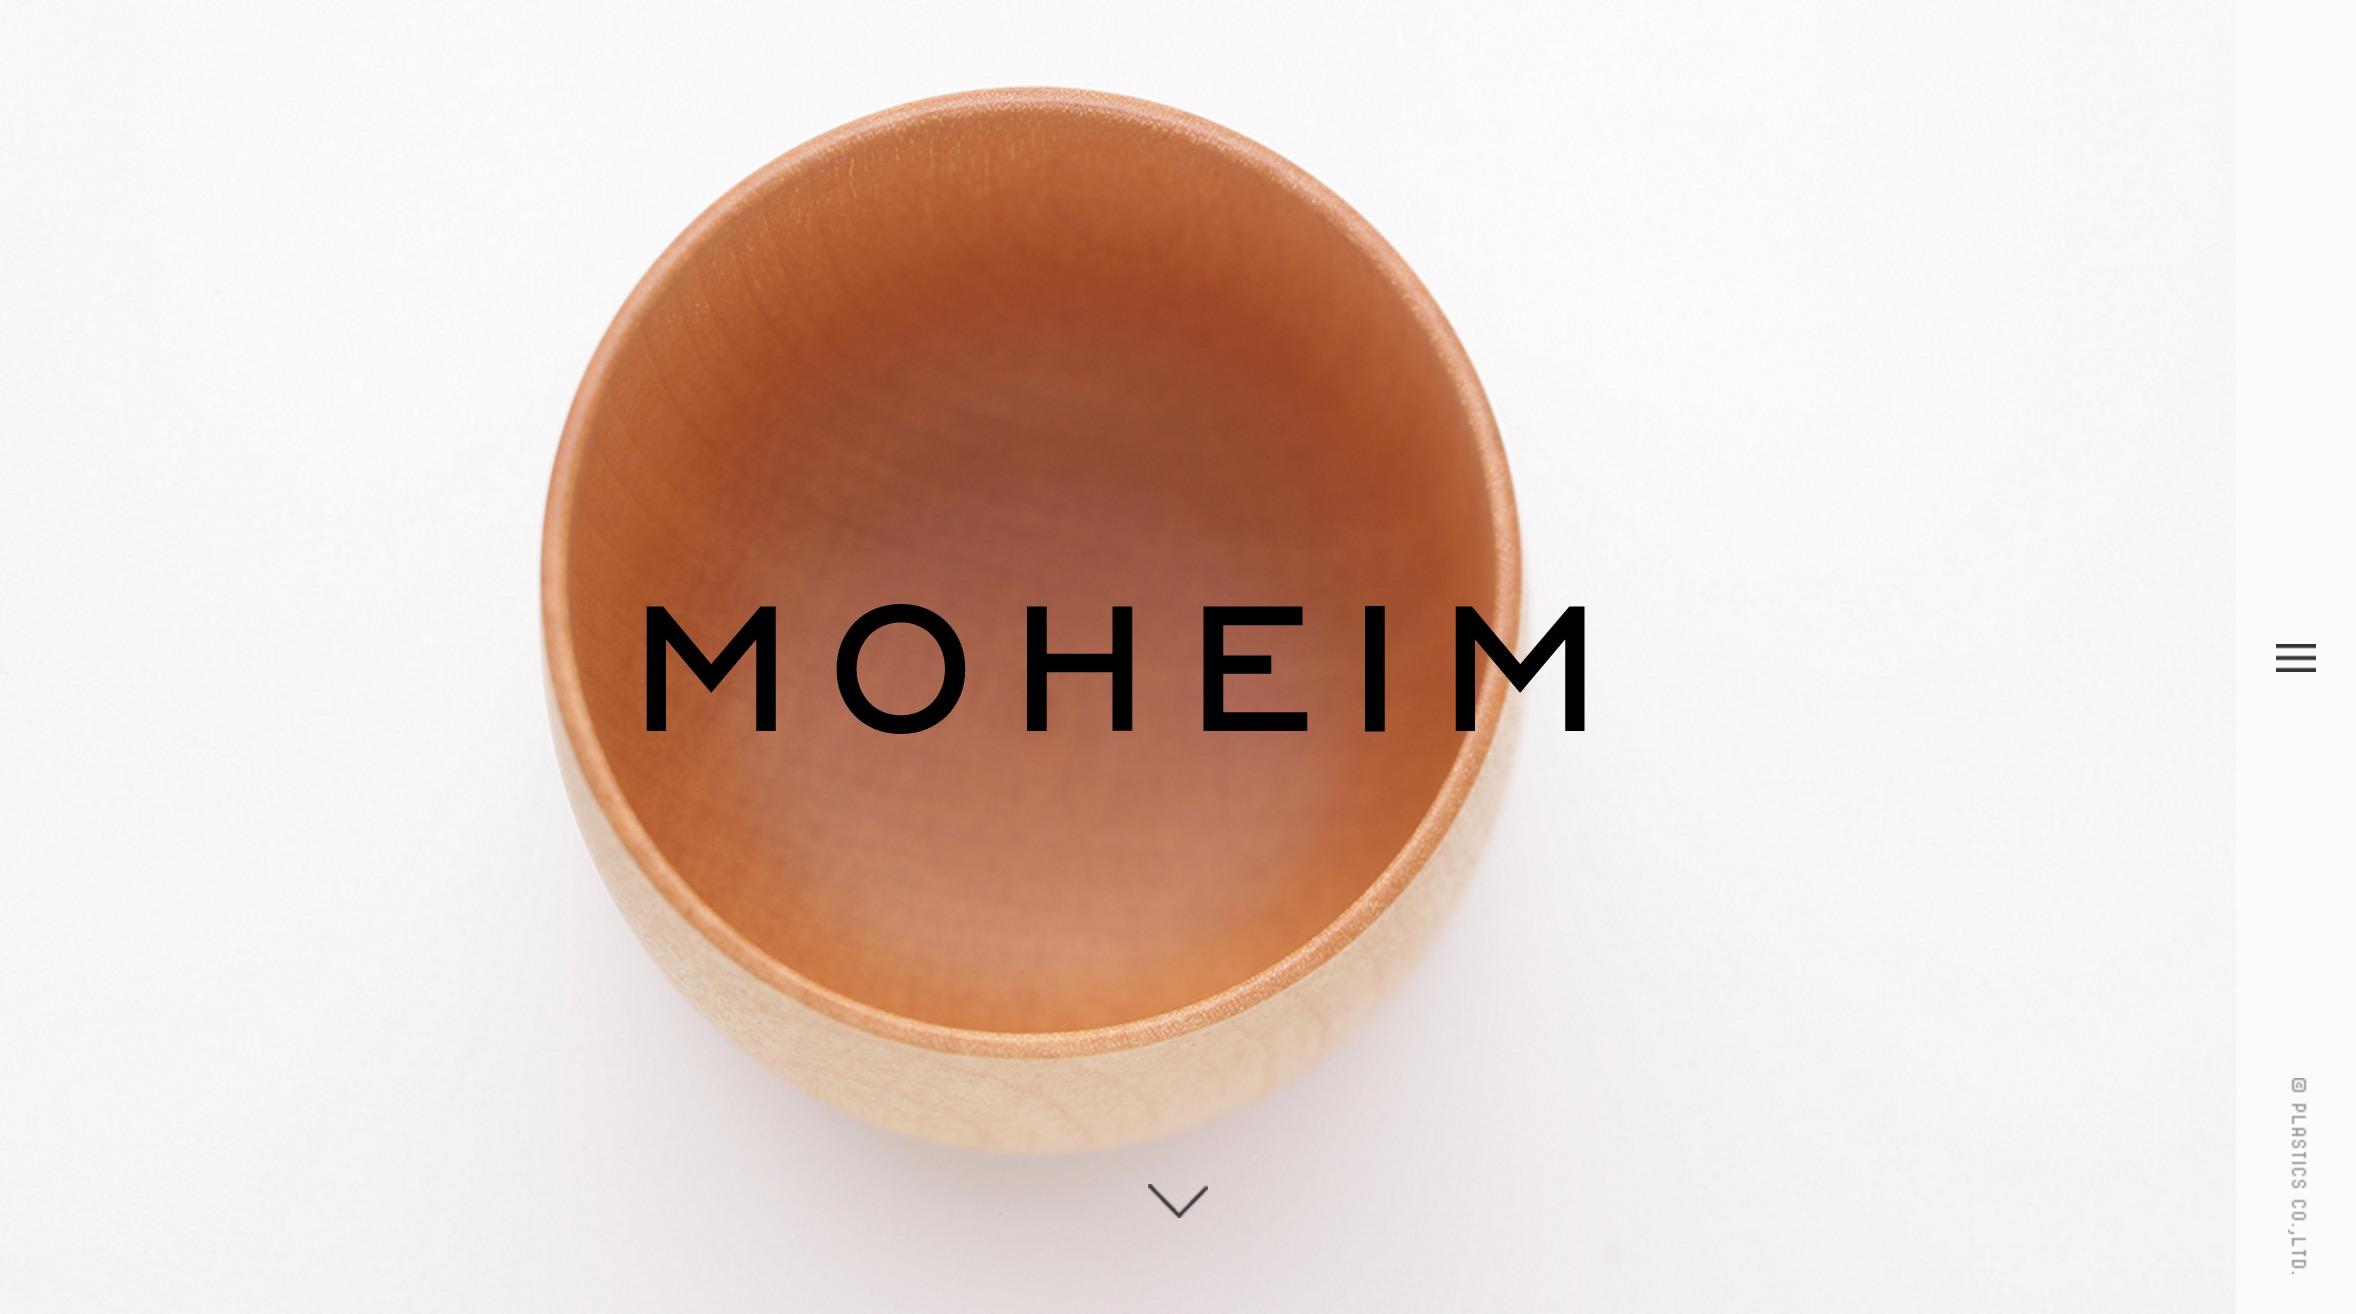 MOHEIM